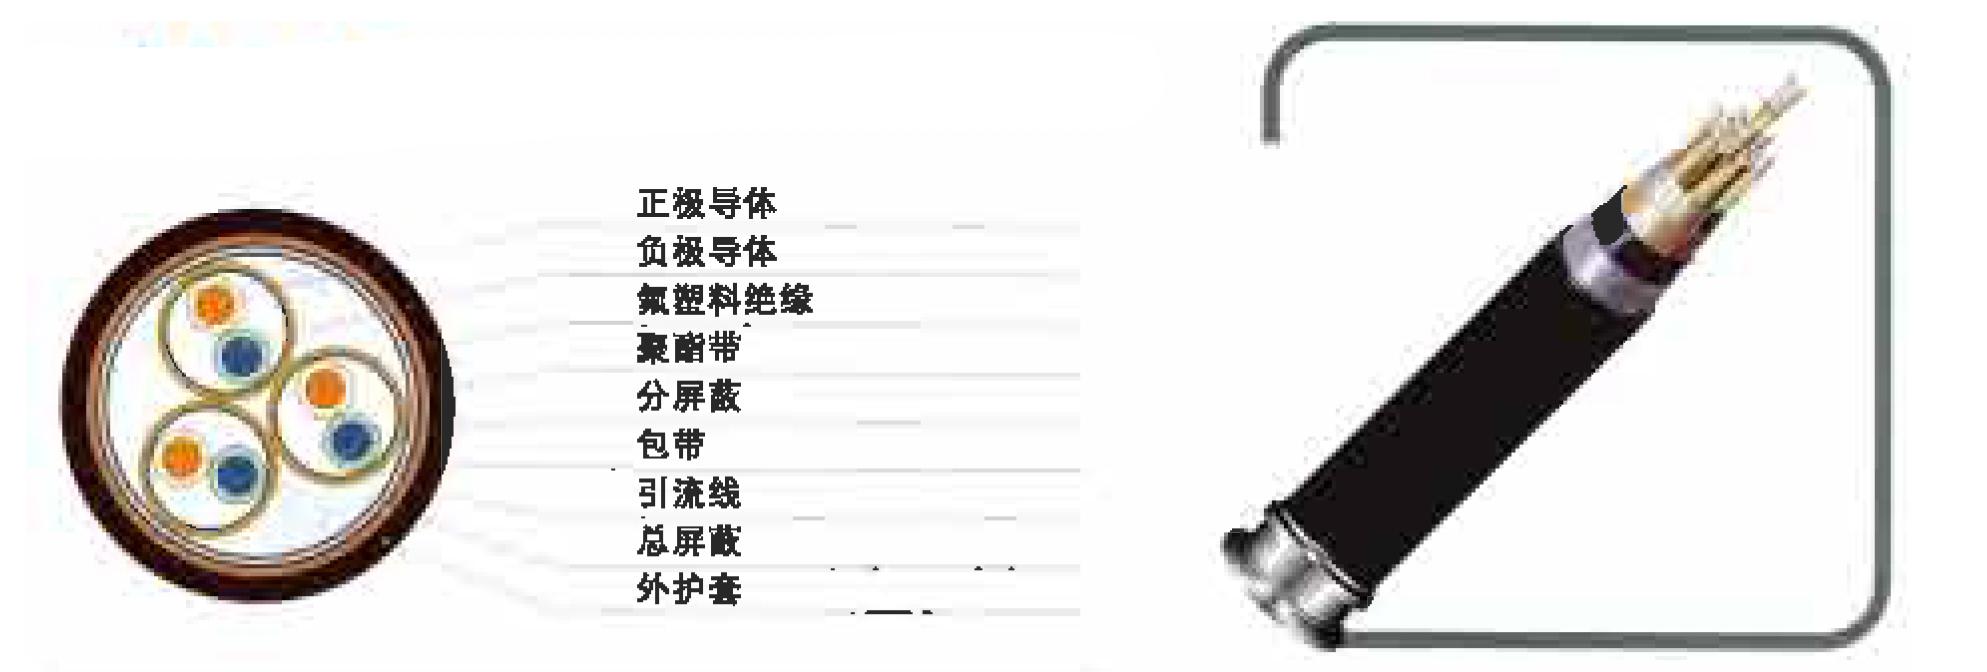 氟塑料雷竞技pc版补偿导线和补偿雷竞技官网下载